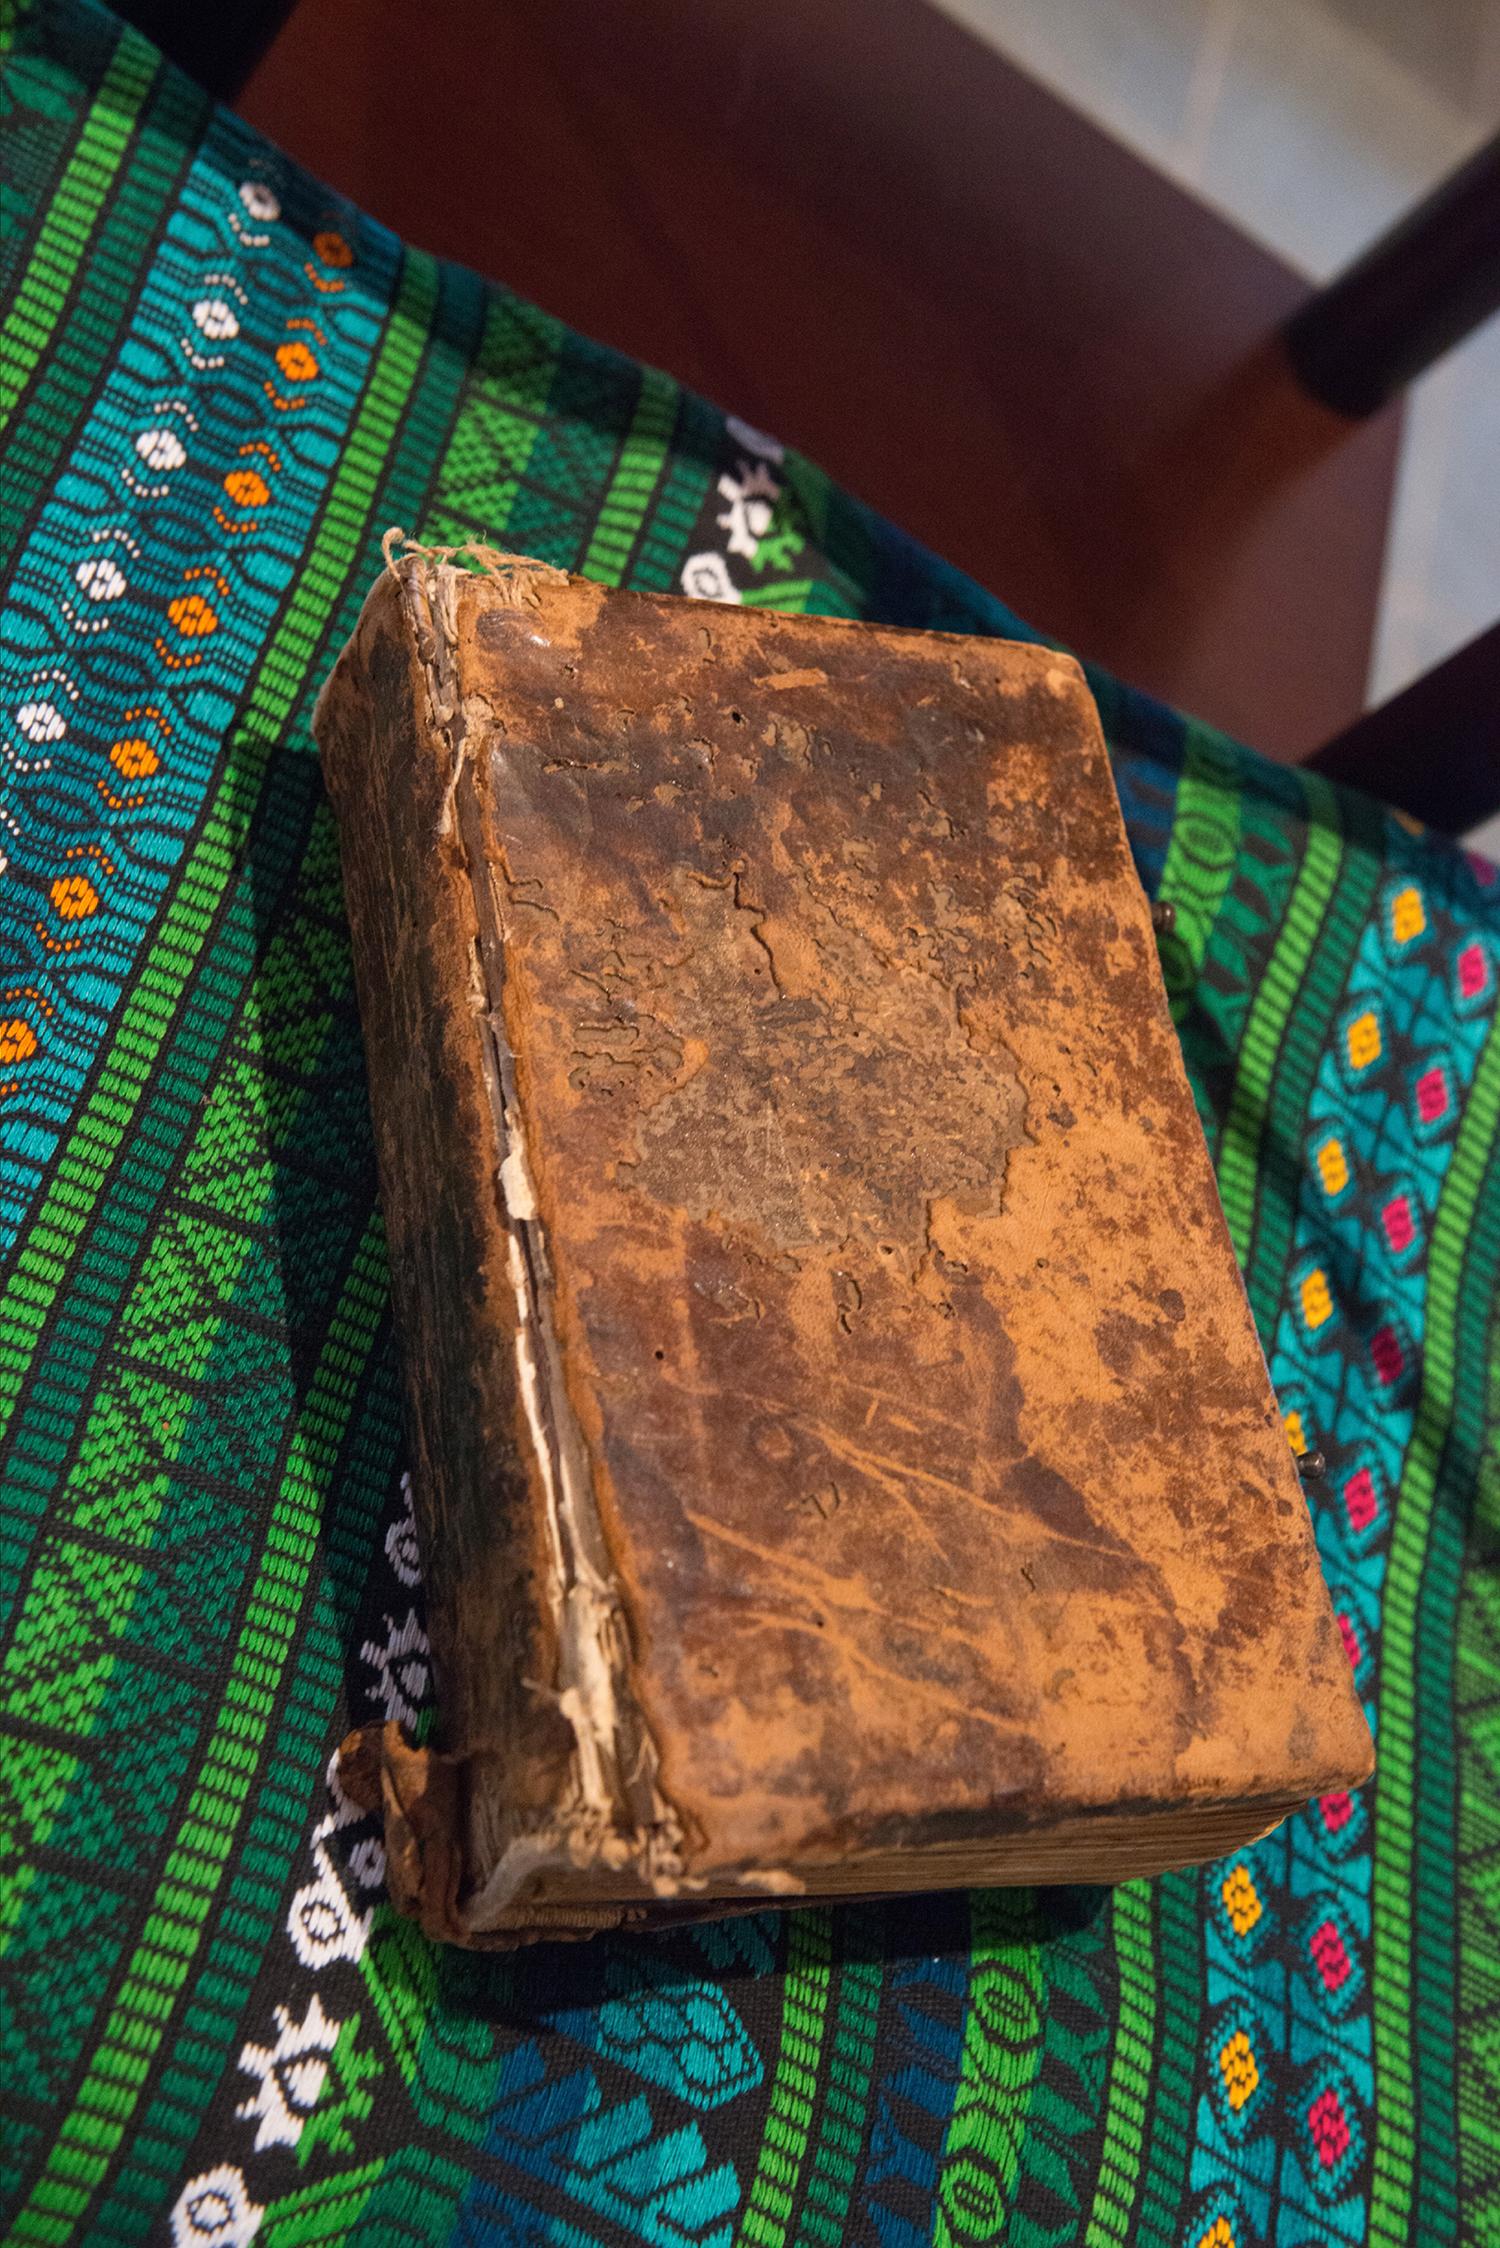 Codex-1424-LSTCRareNT076.jpg